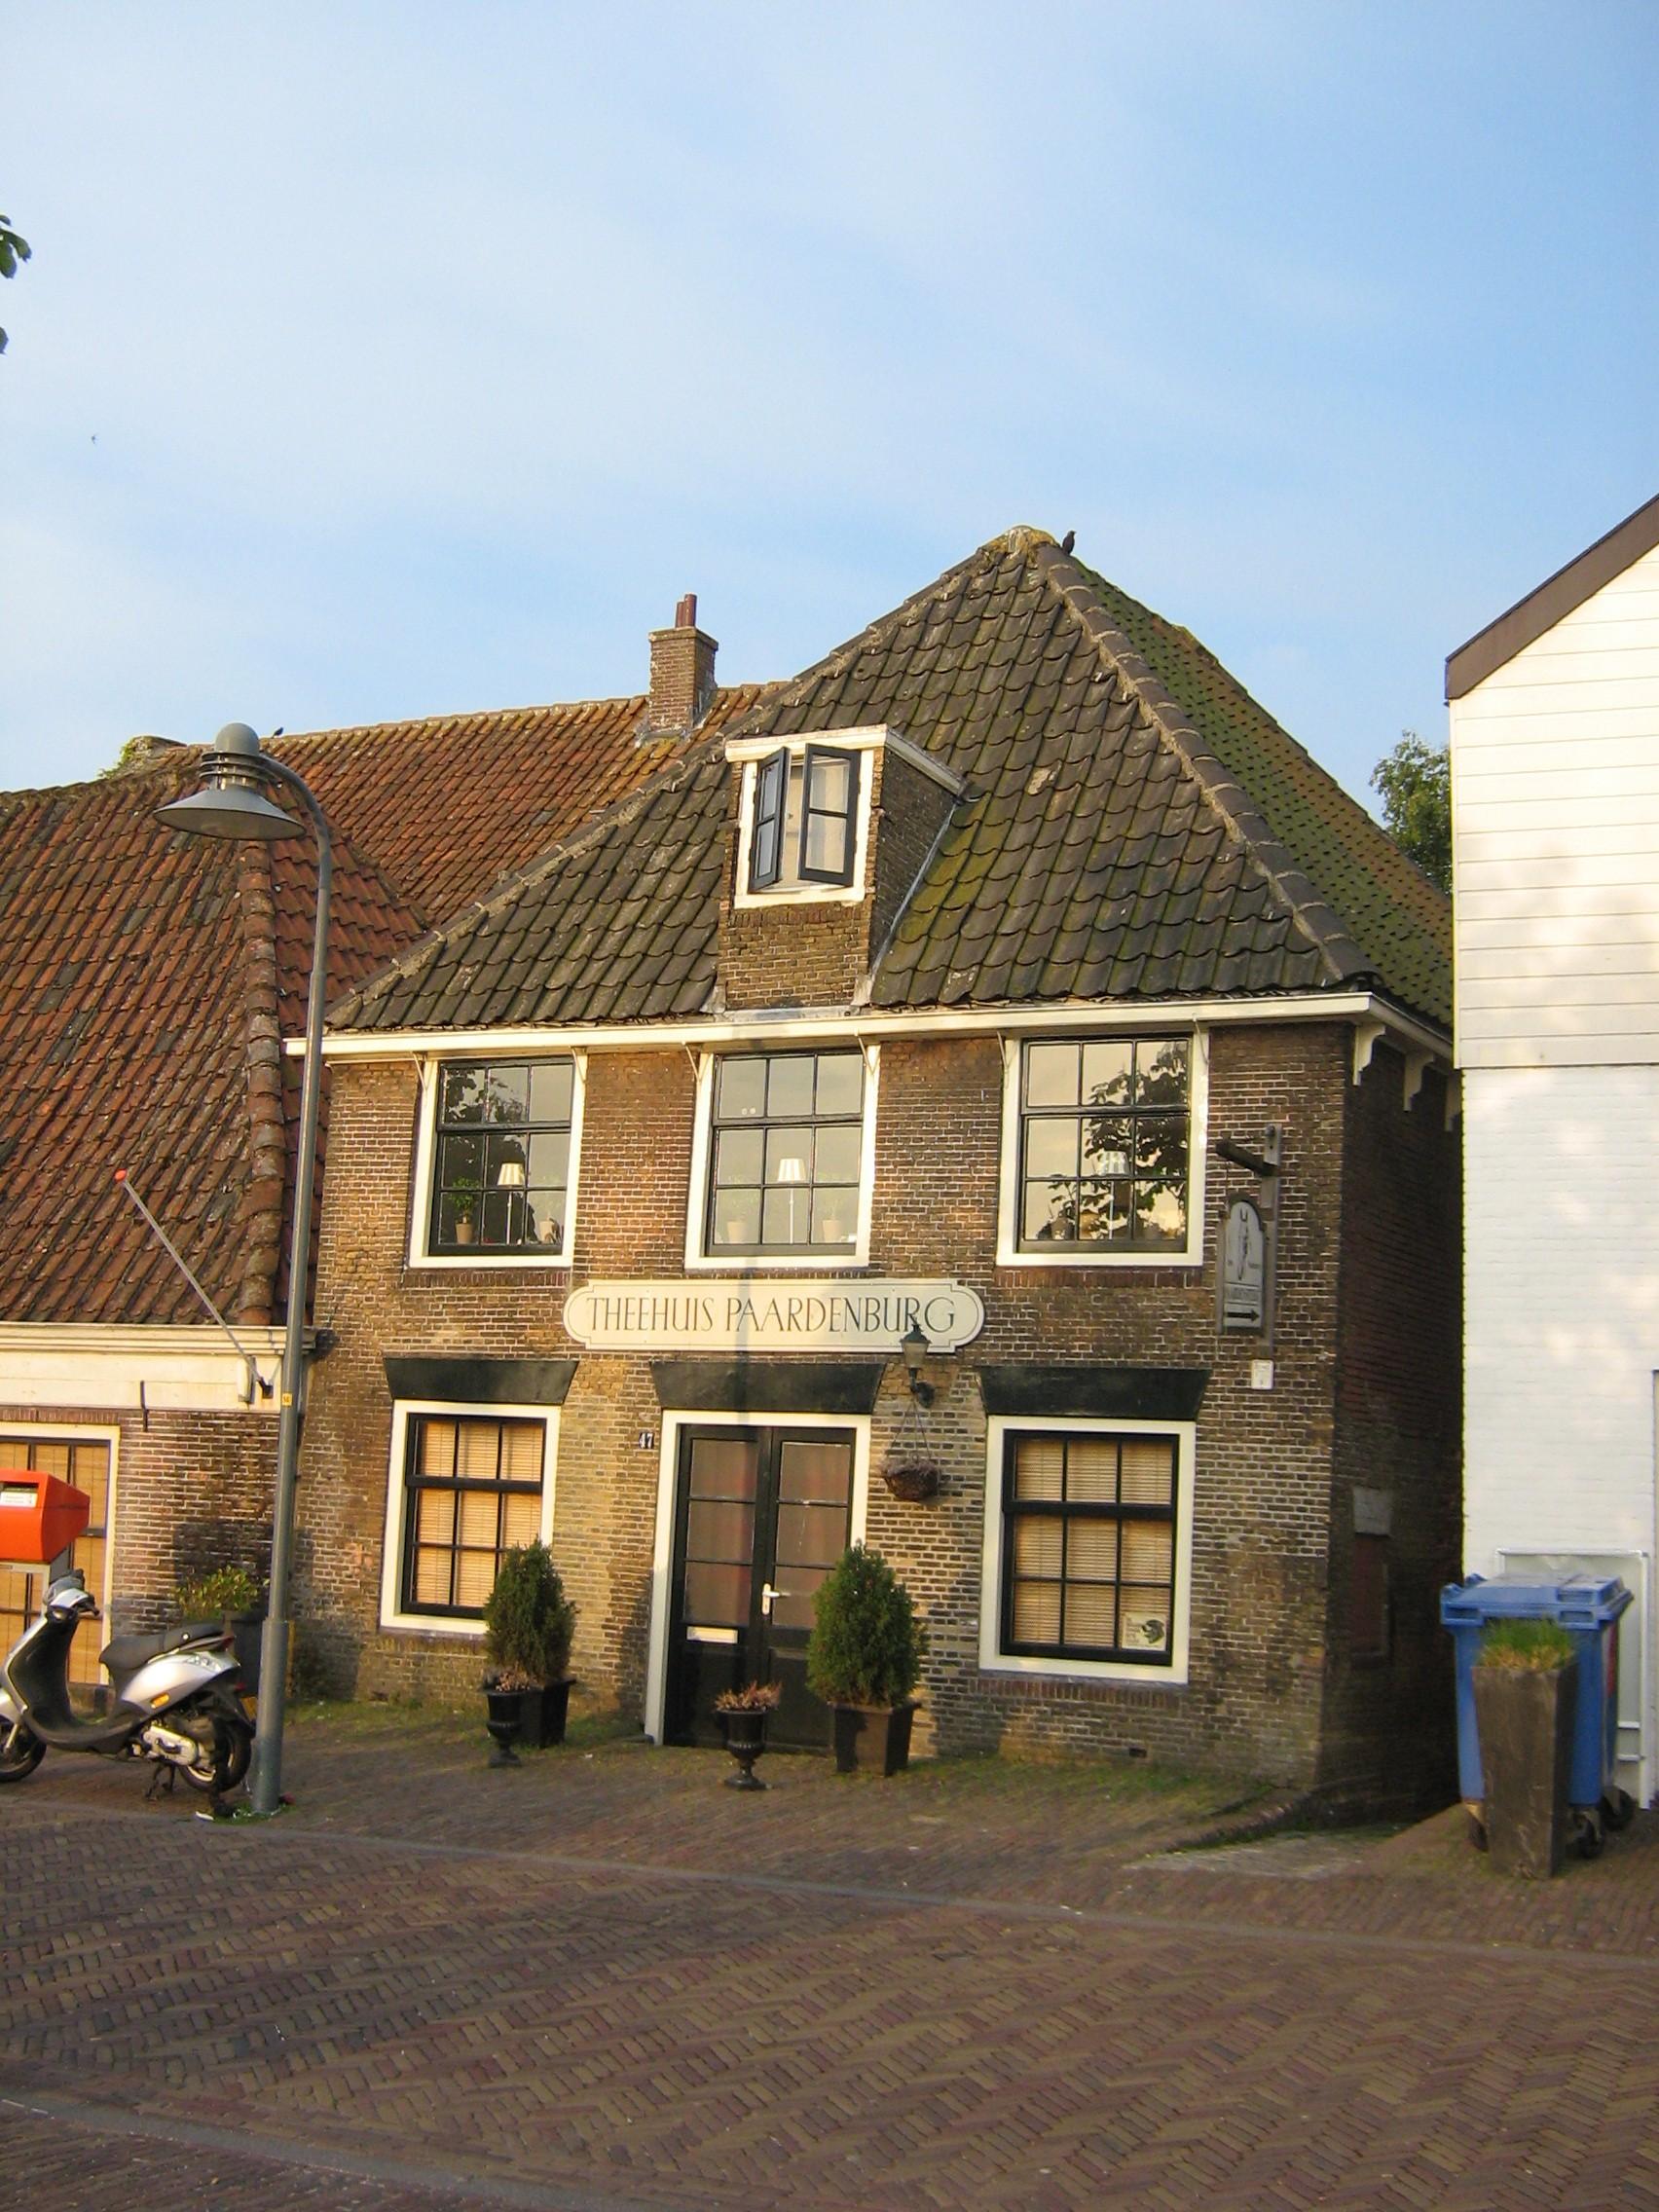 Theehuis paardenburg met woning pand met gevel met rechte kroonlijst hoog dak gemetseld - Oude huis gevel ...